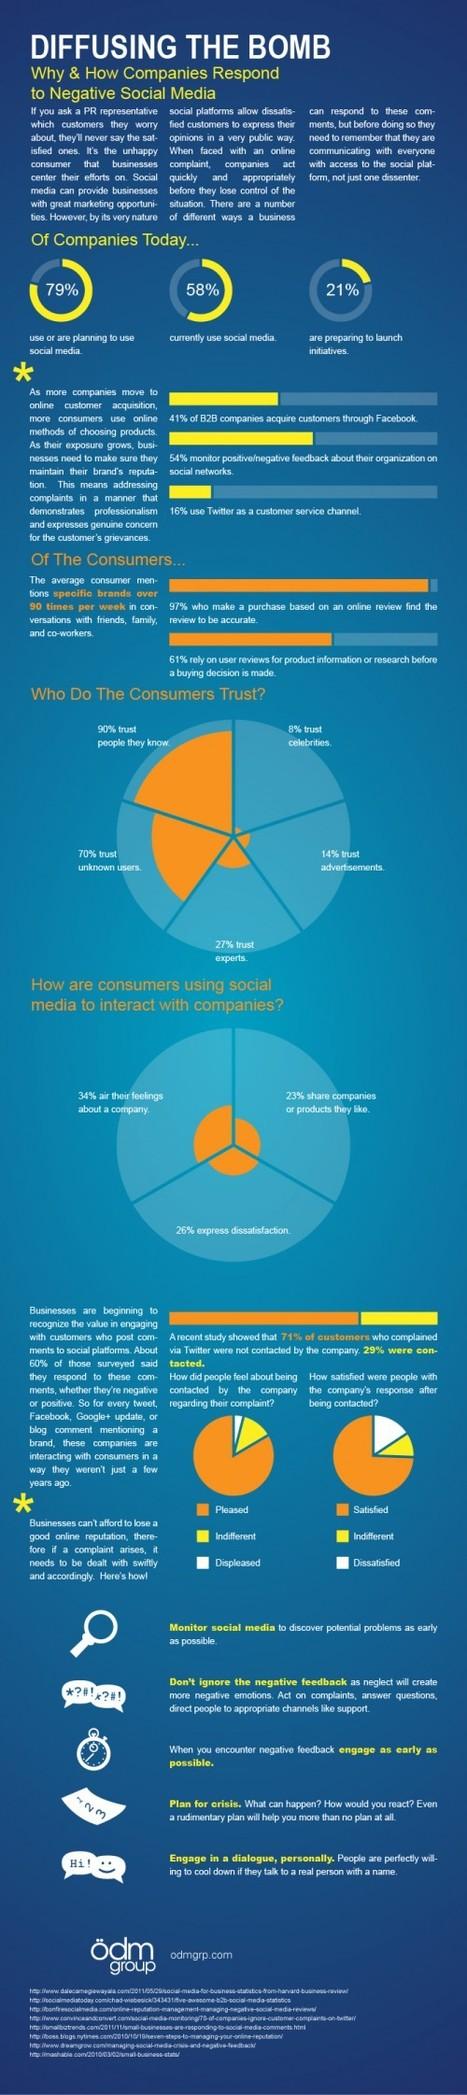 [Infographie] Comment les marques réagissent face à un bad buzz sur les médias sociaux ? - Websourcing.fr | Marketing en ligne | Scoop.it